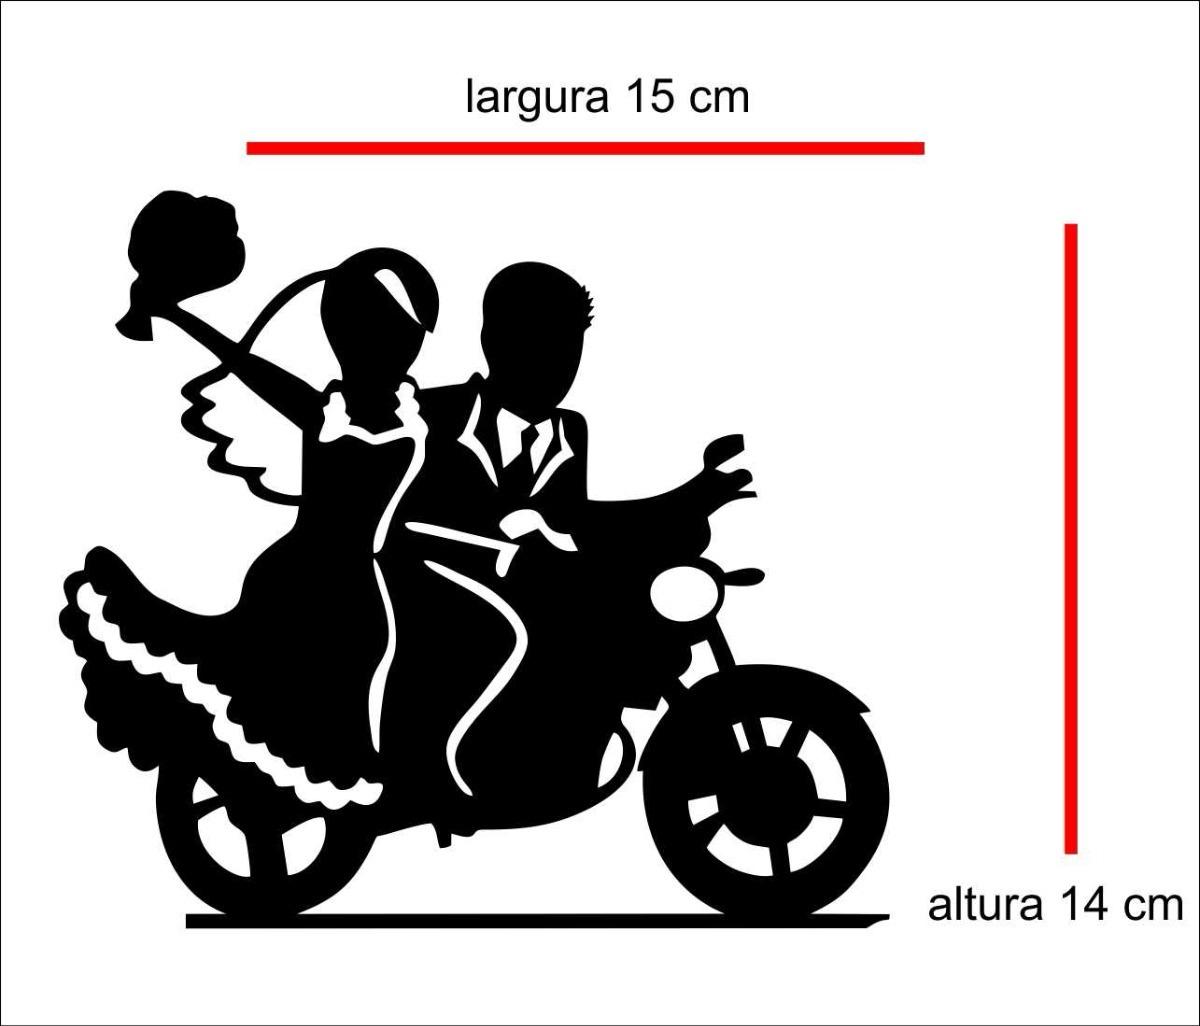 Adesivo De Moto ~ Adesivo Casal De Noivos Na Moto P Qualquer Superficie Lisa R$ 18,00 em Mercado Livre